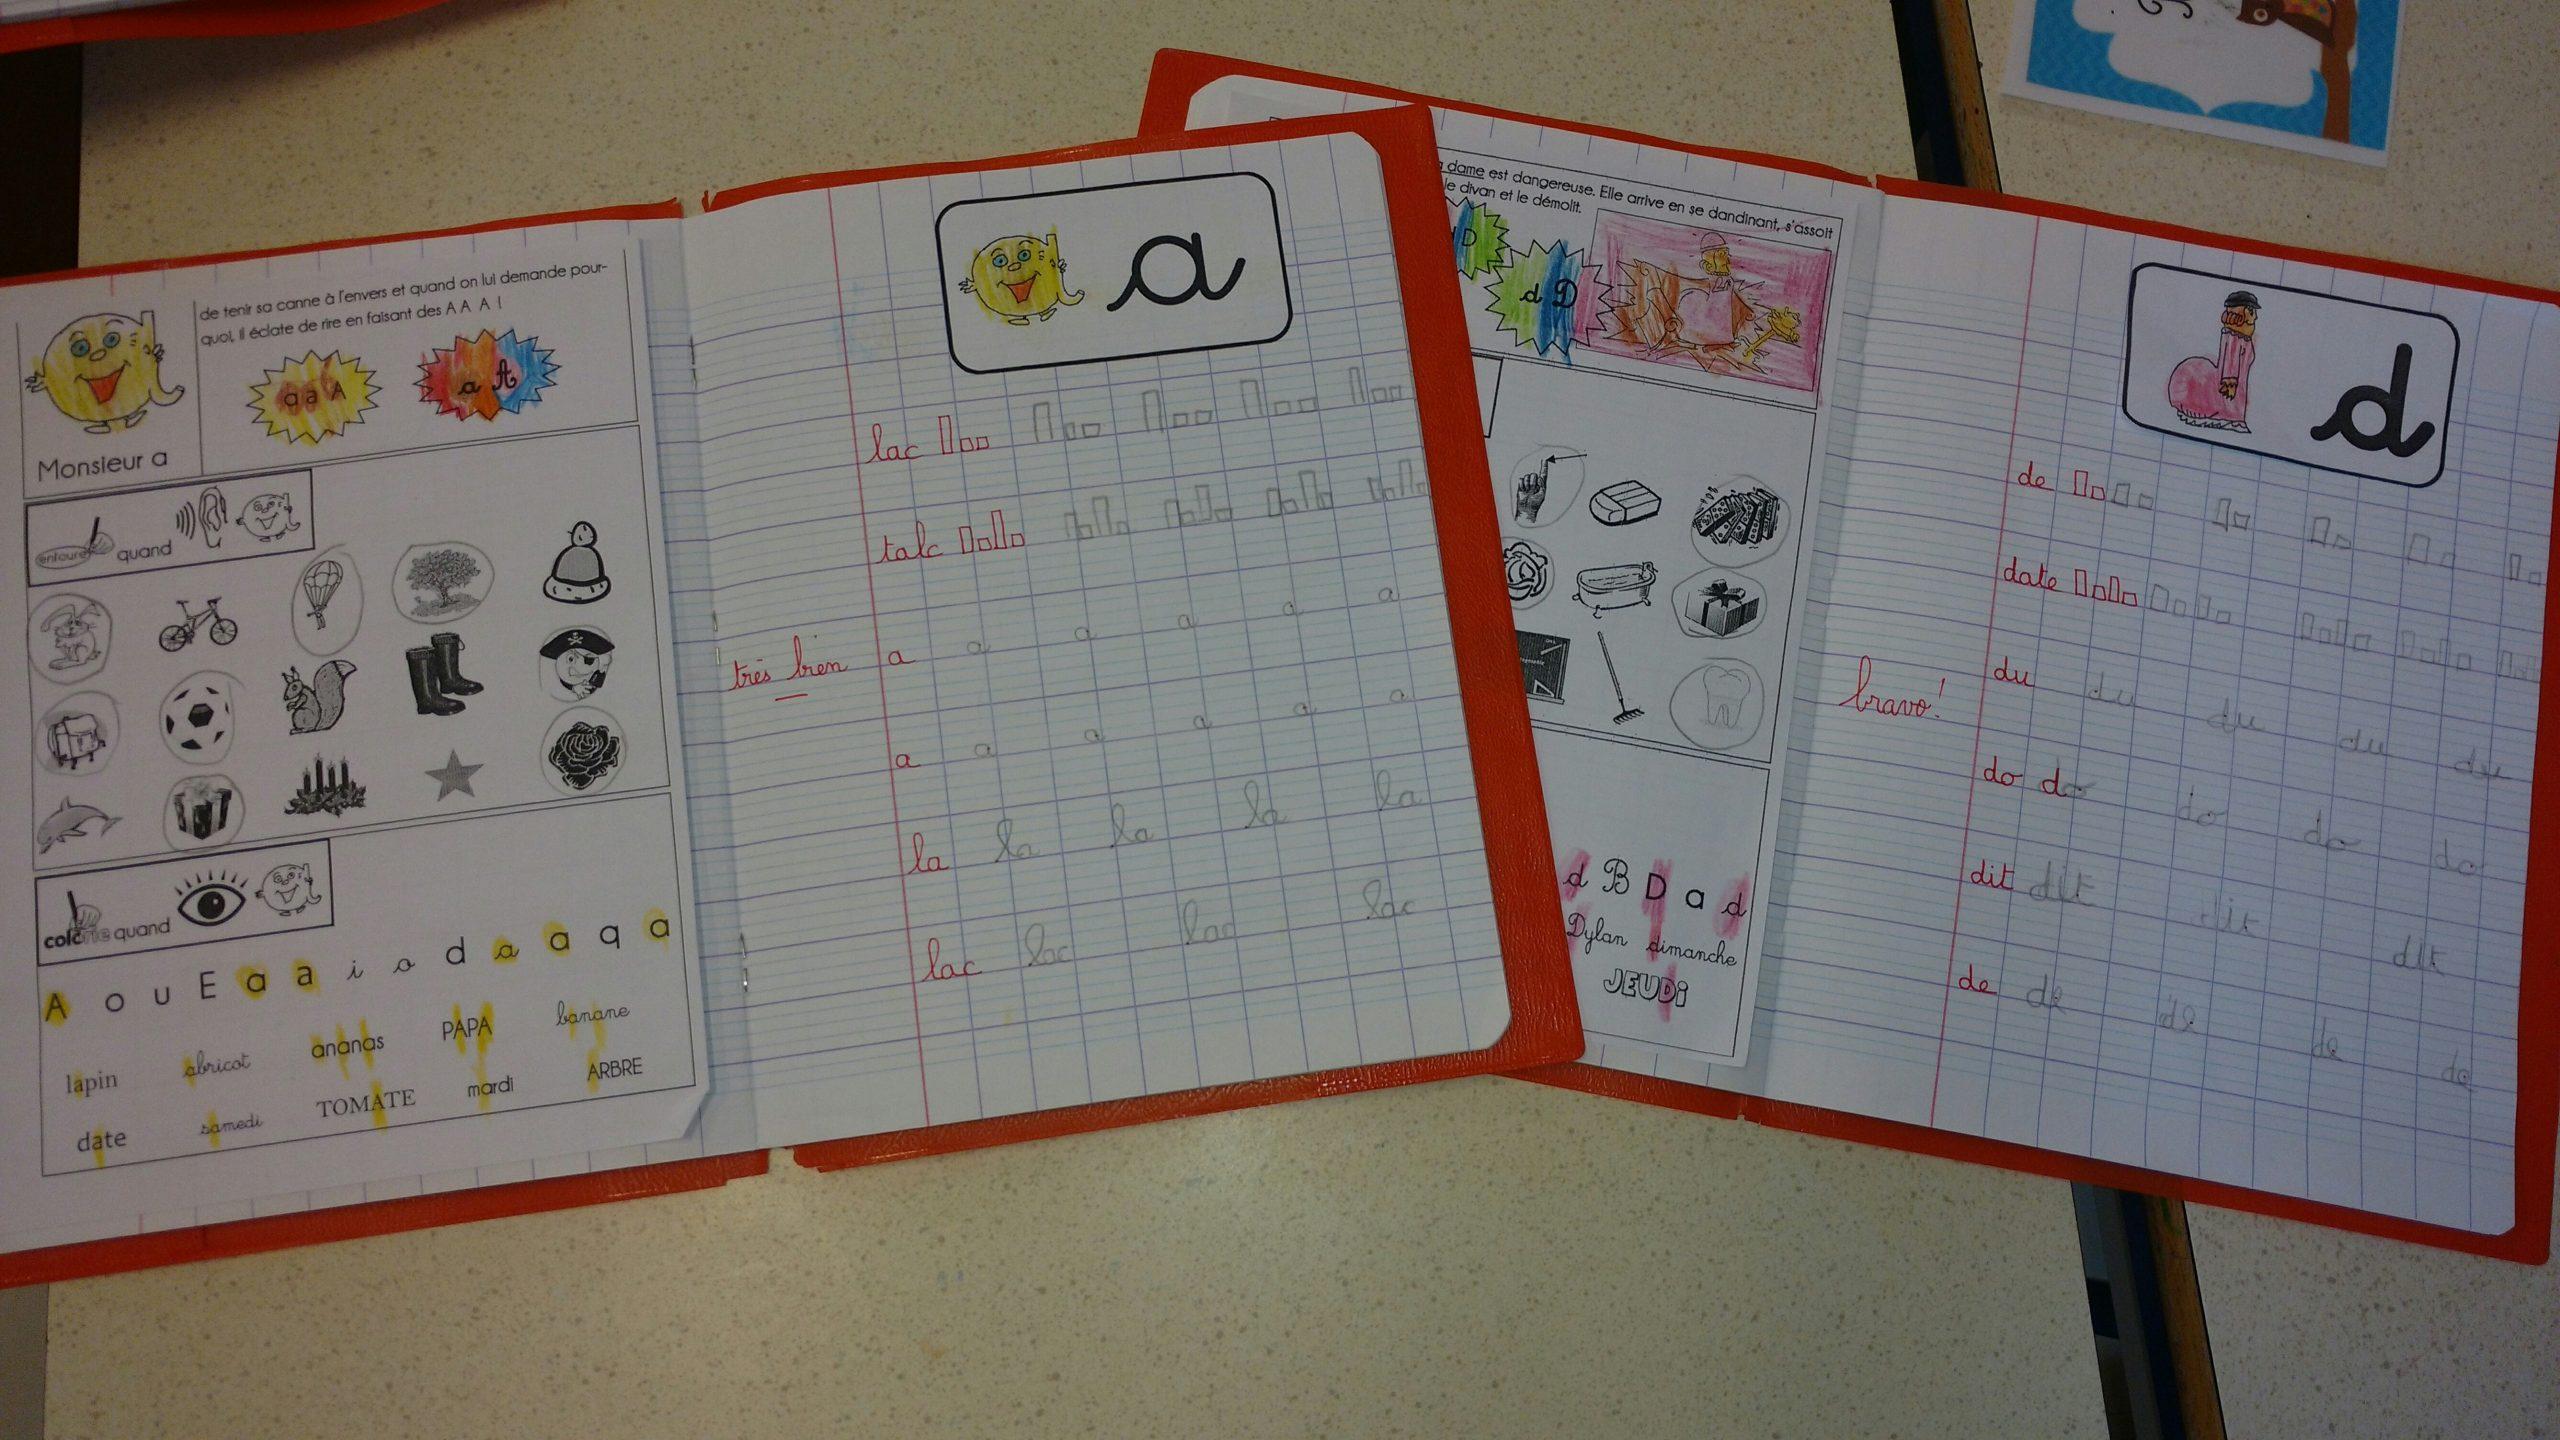 Cahier D'écriture Gs Évolution Janvier À Avril - La Classe dedans Cahier D Écriture Maternelle